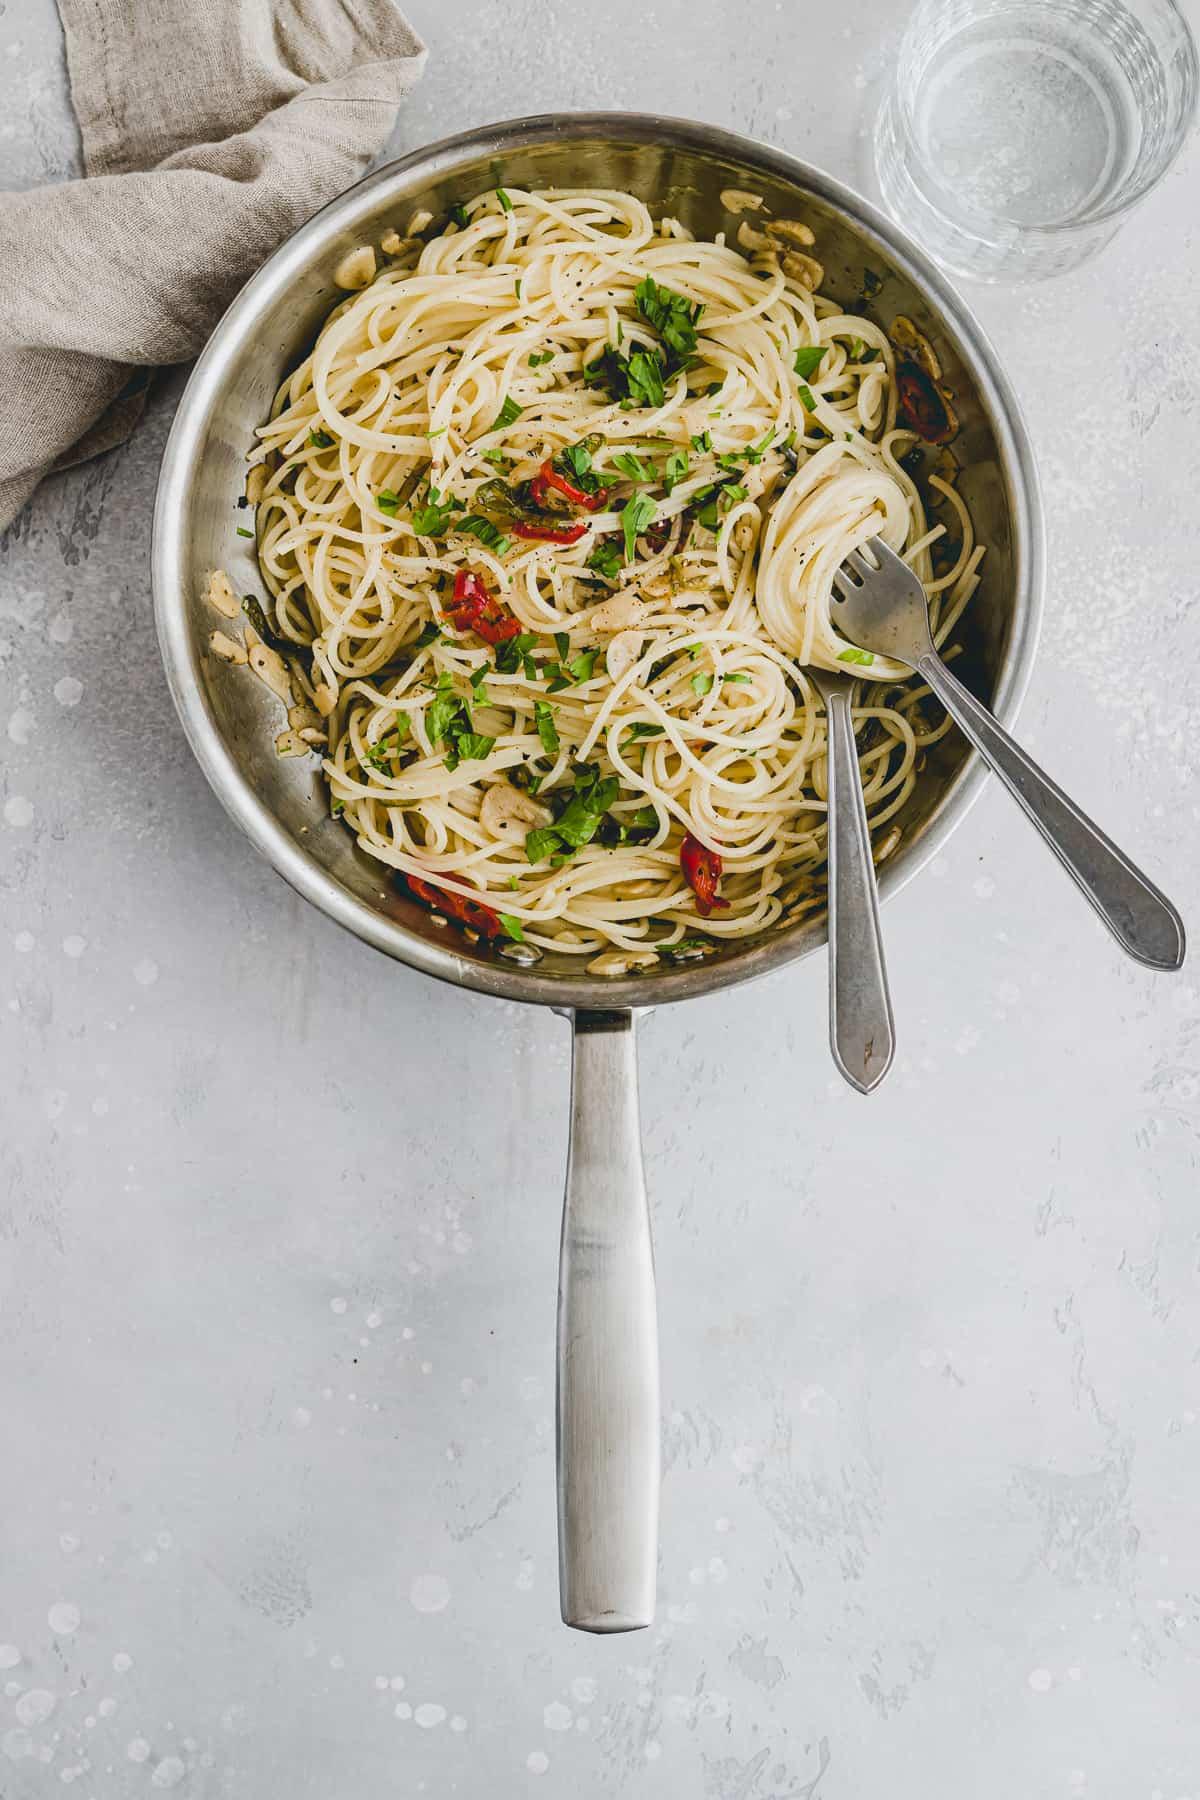 Spaghetti Aglio Olio Recipe Step-4